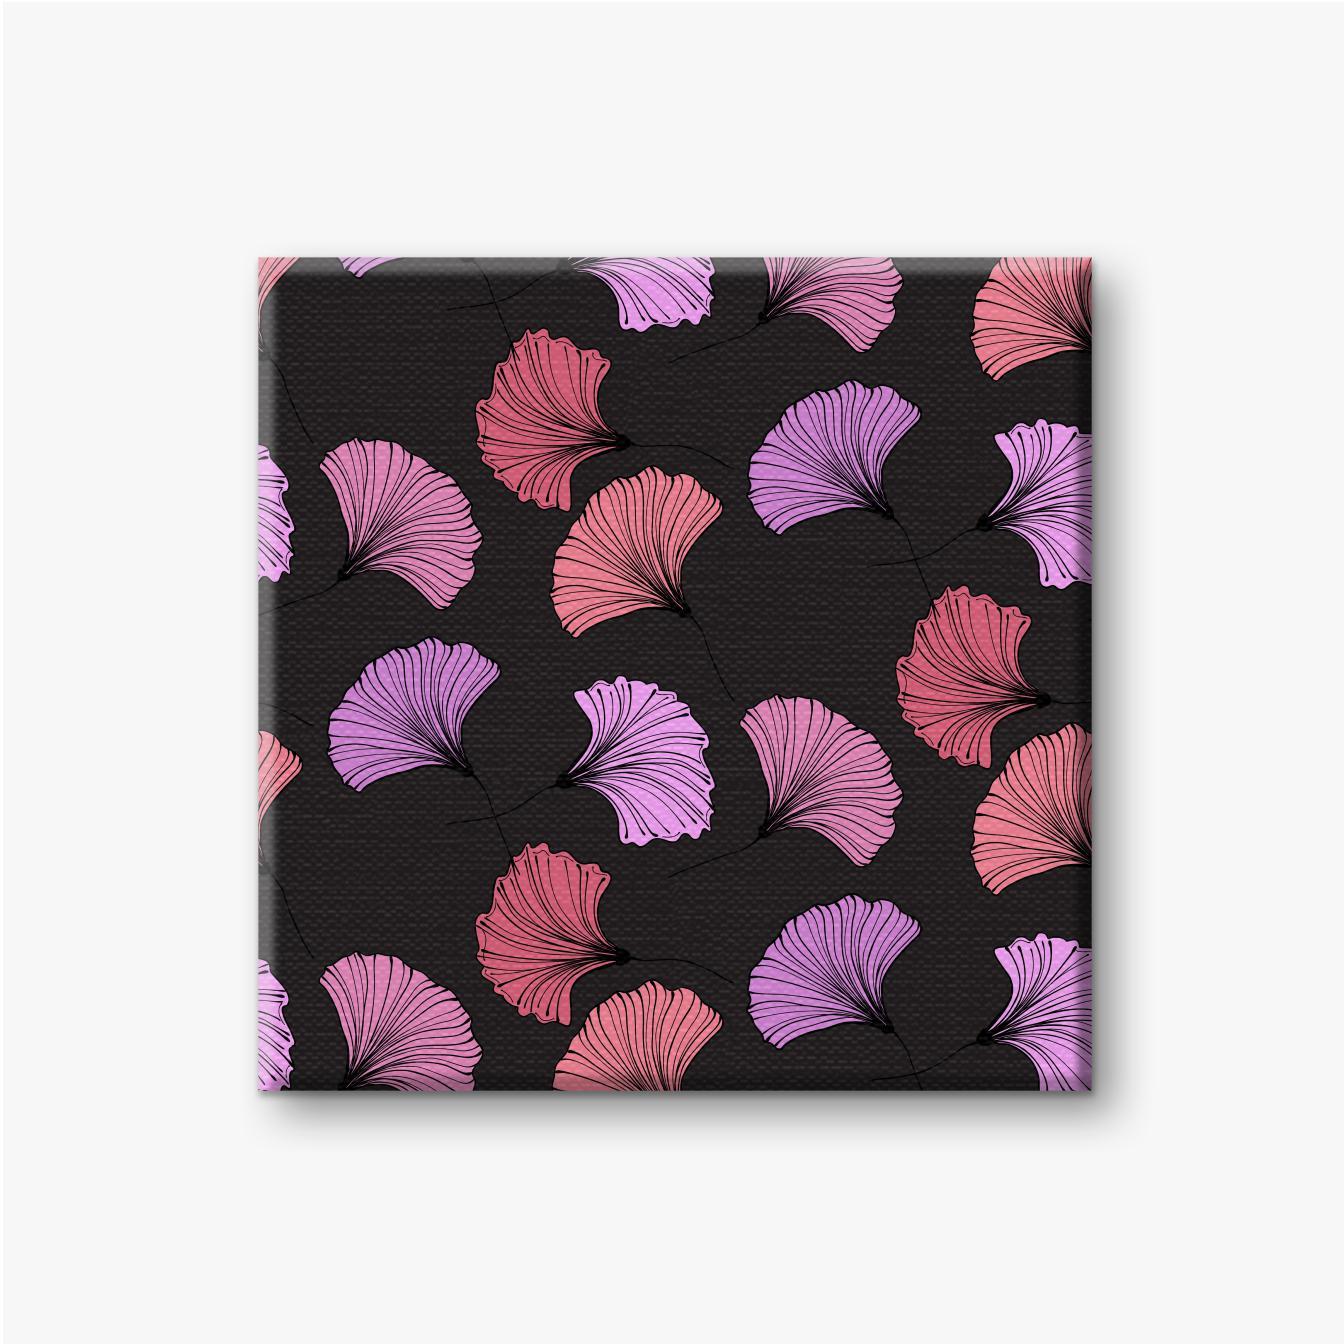 Rosa und lila Gingko-Blätter im schwarzen Hintergrund